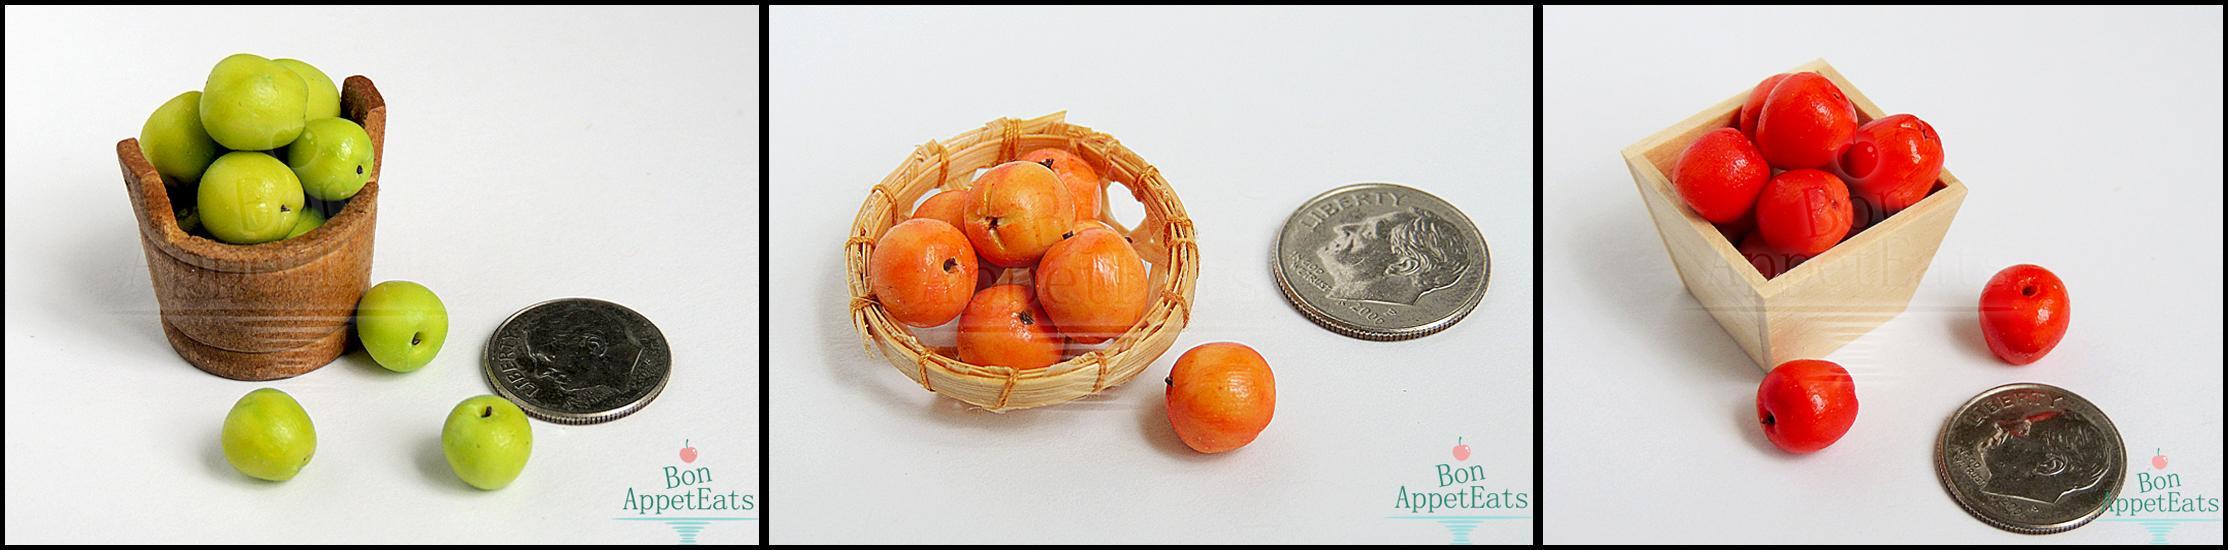 1:12 Apples by Bon-AppetEats